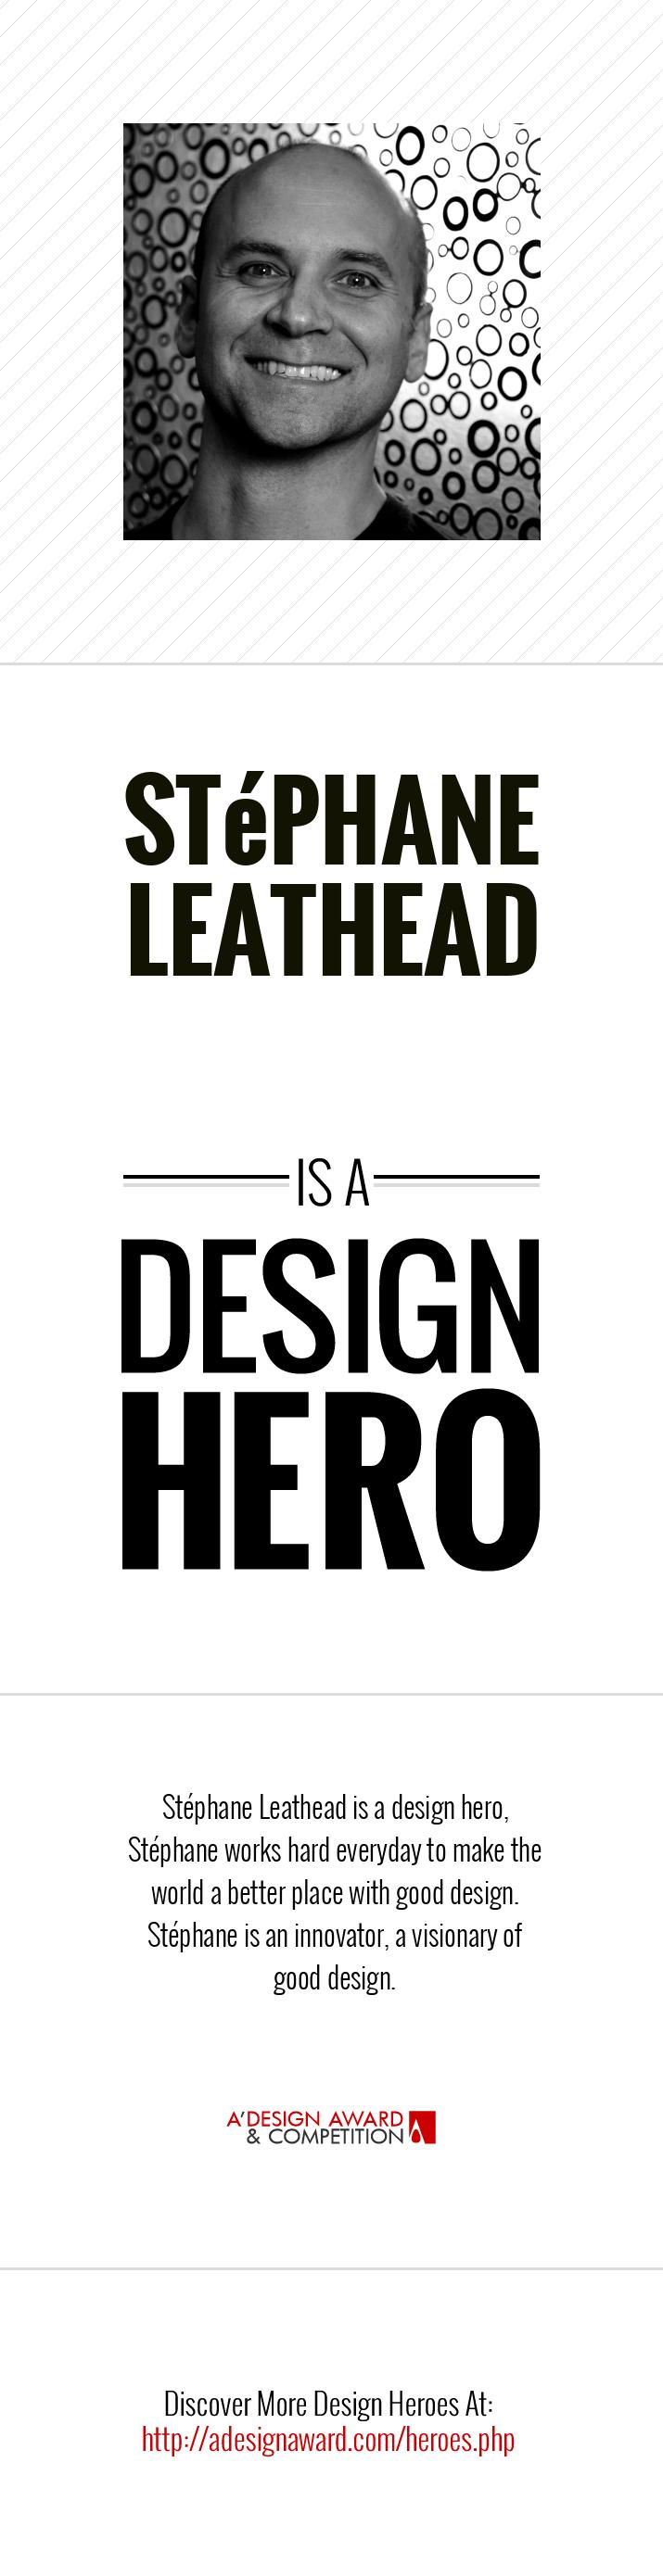 designHero